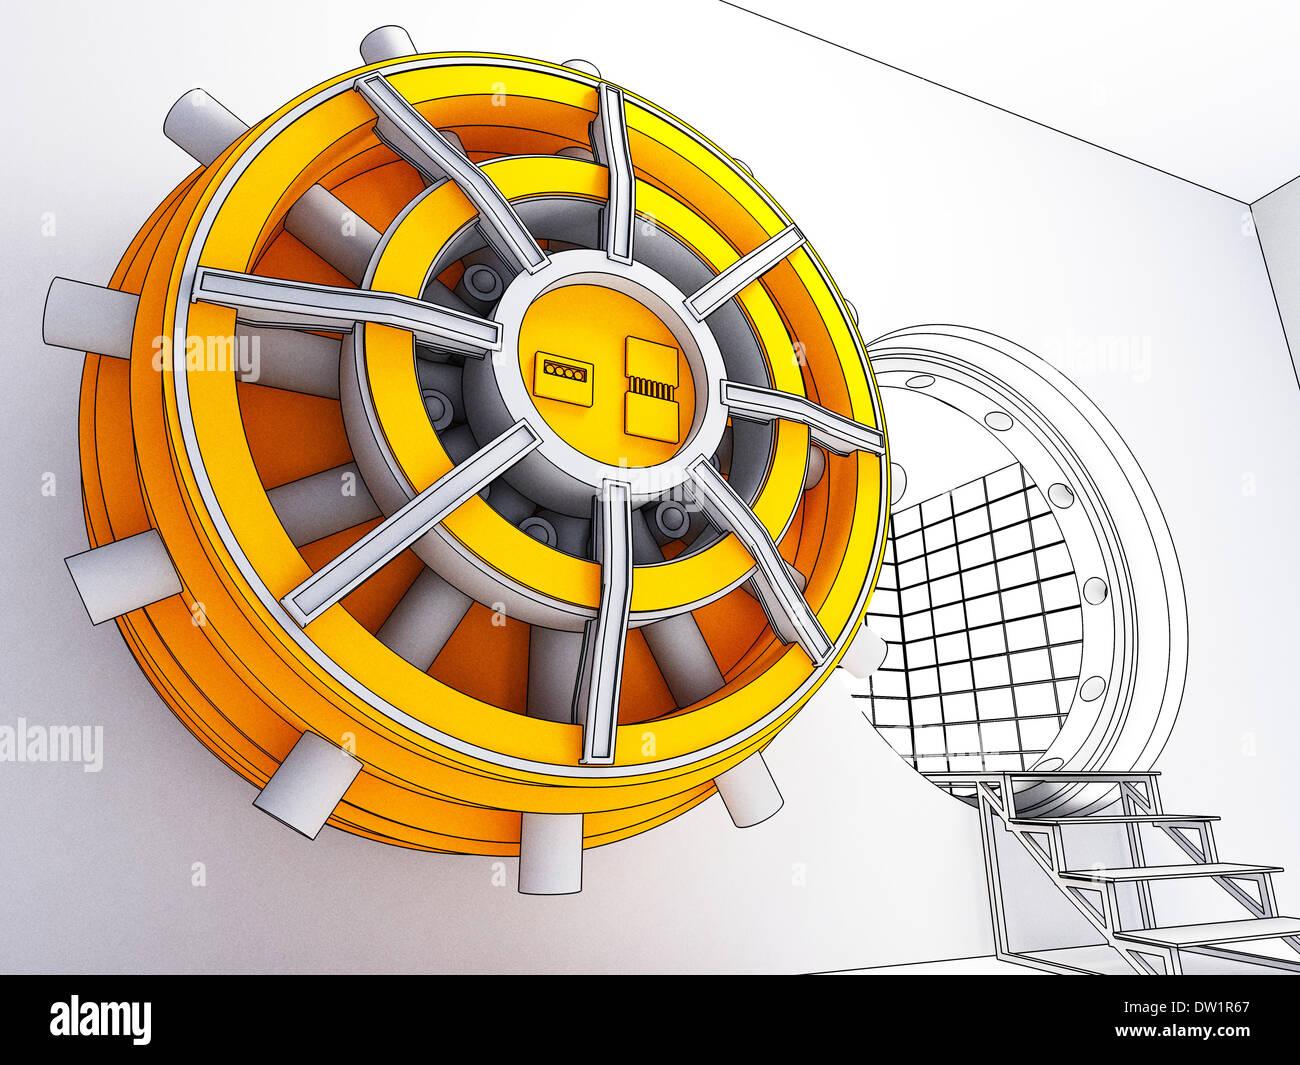 bank vault door - Stock Image